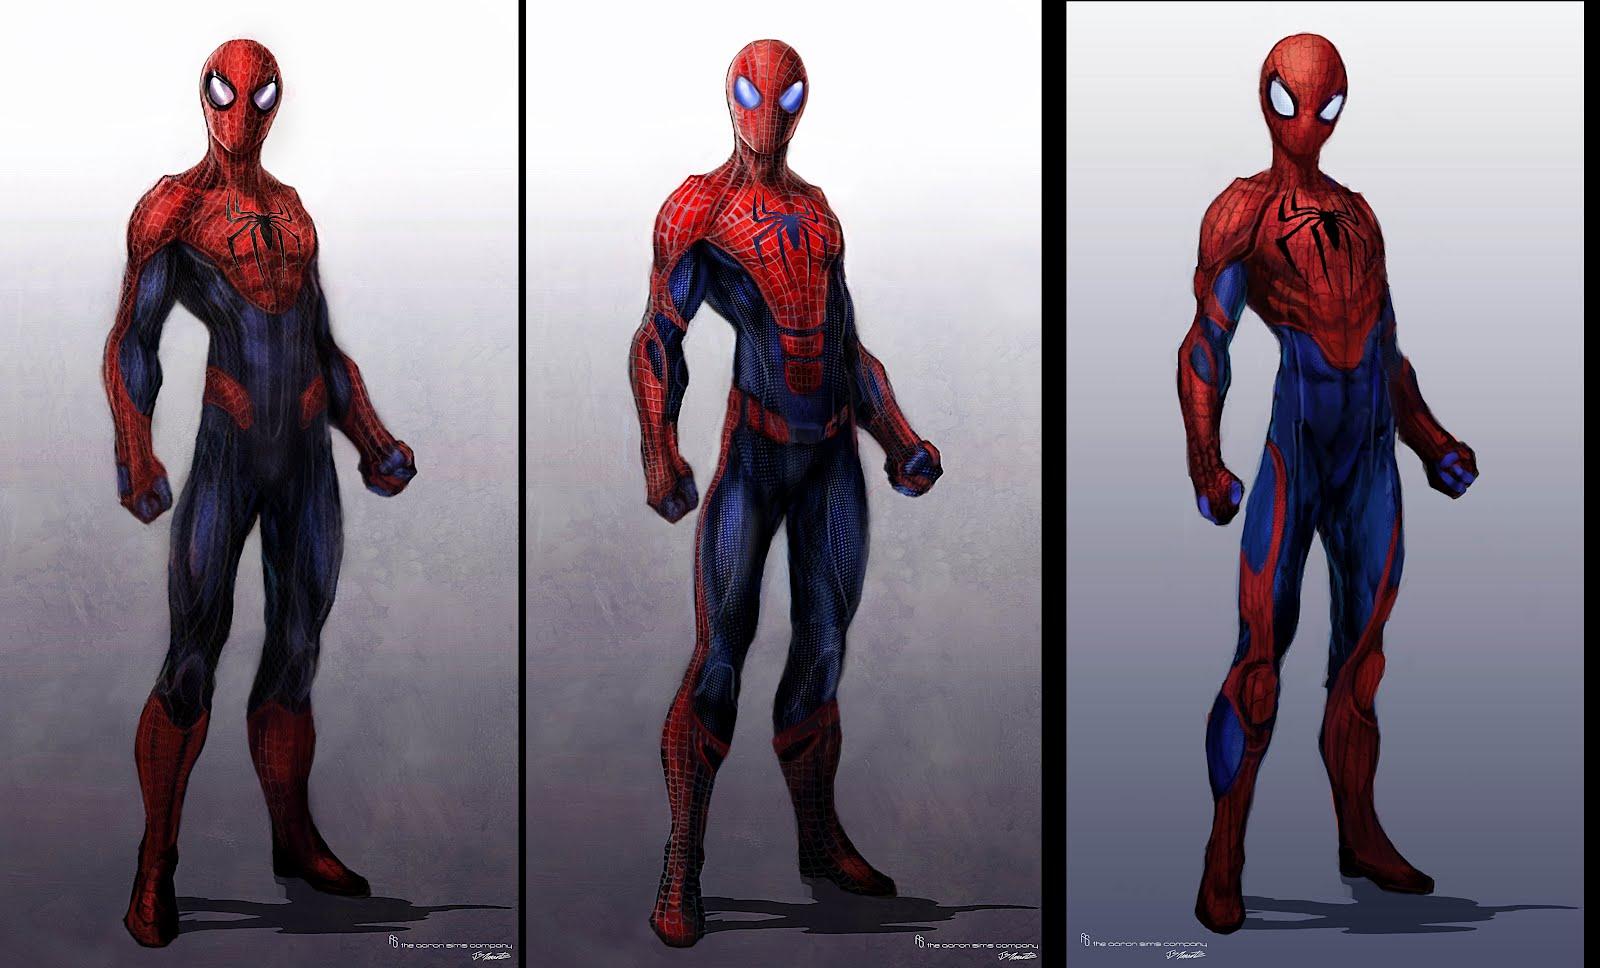 Amazing-Spider-Man-Alternate-Costumes.jpg & Image - Amazing-Spider-Man-Alternate-Costumes.jpg | Amazing Spider ...